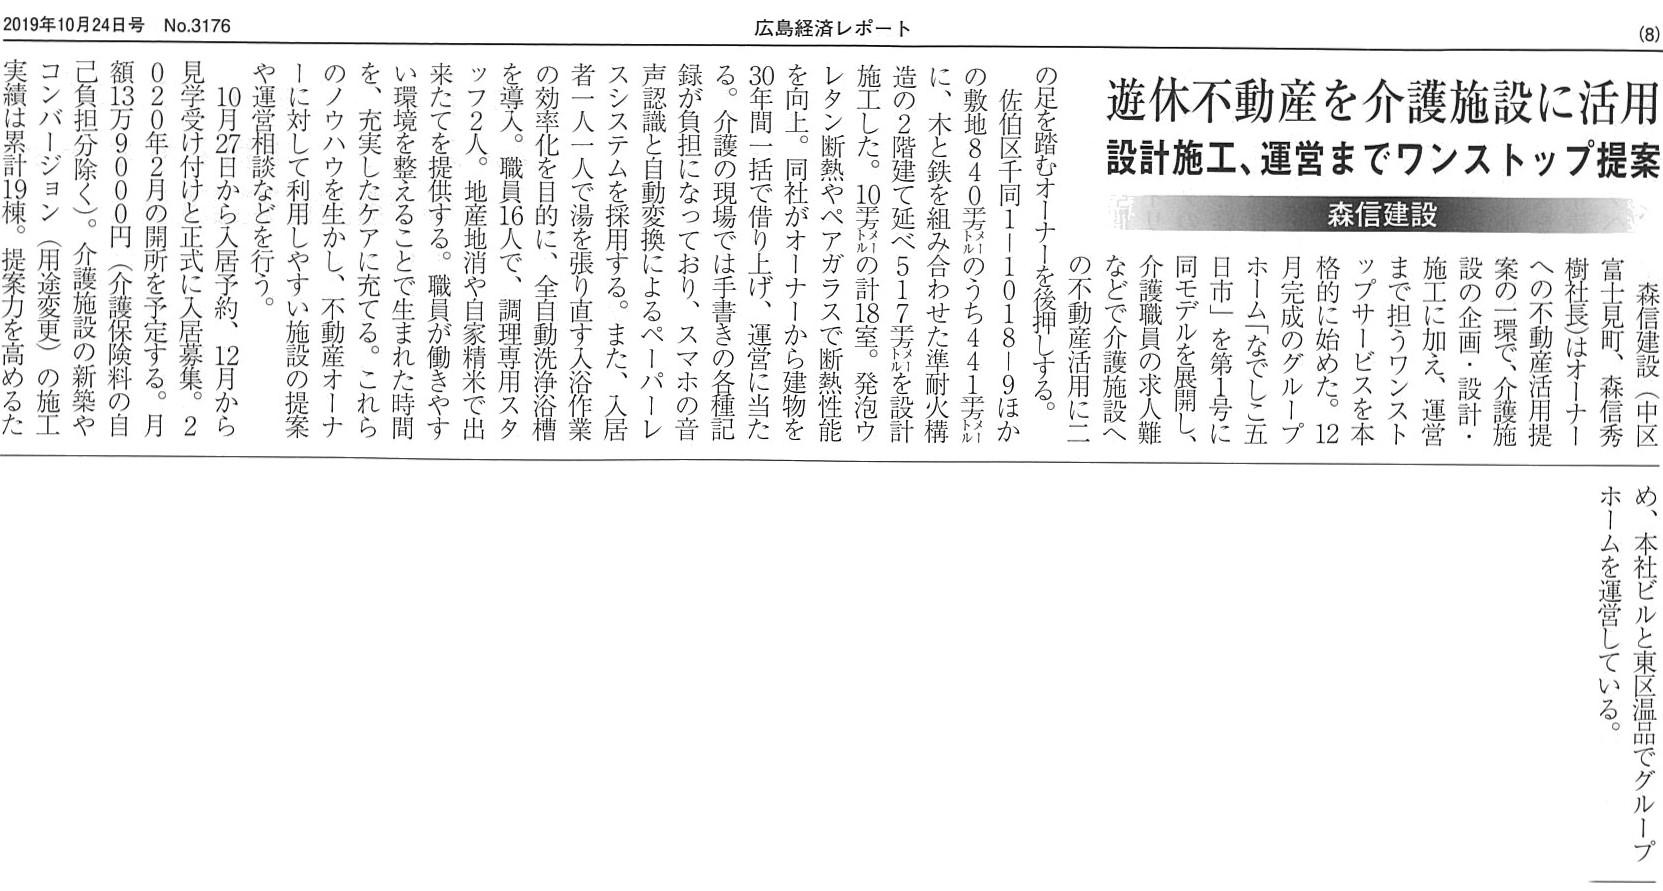 広島経済レポート 10月24日号に遊休不動産を介護施設に活用で掲載されました<